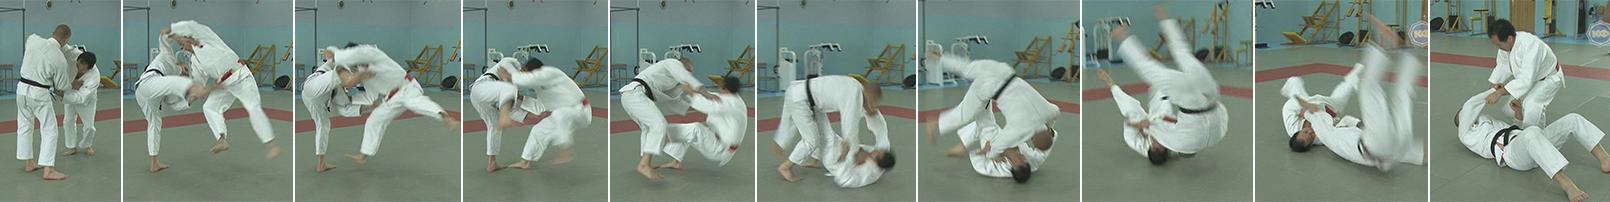 Бросок через голову (tomoe-nage). Первый вариант Кашивазаки.